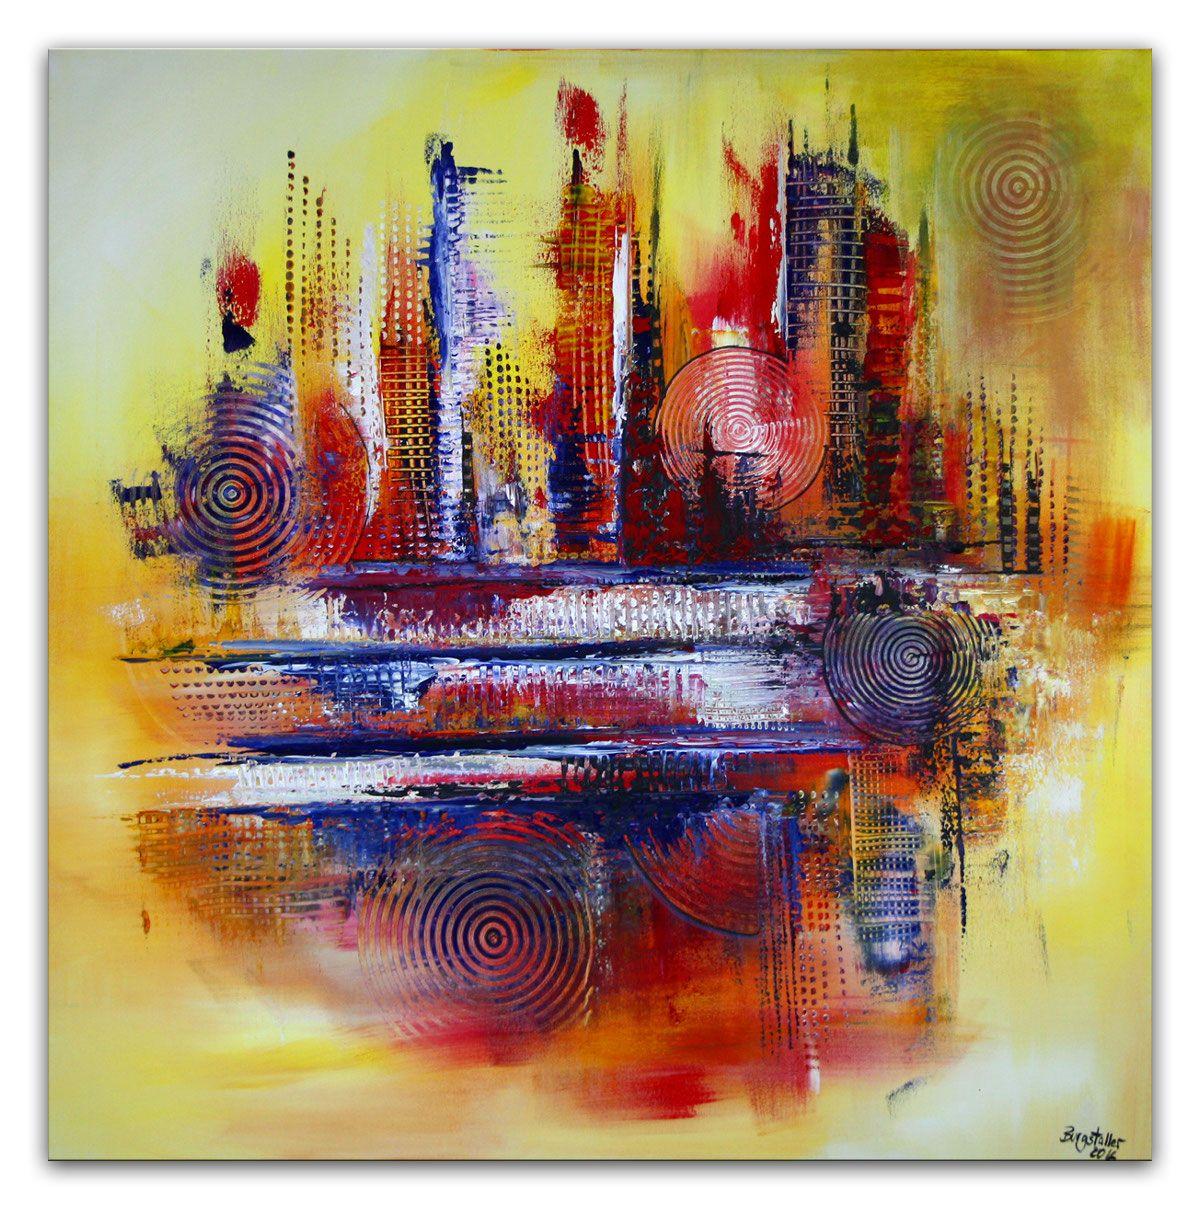 Handgemalte Bilder Kaufen miami abstrakt gemälde unikat handgemalt malerei acrylbilder kaufen